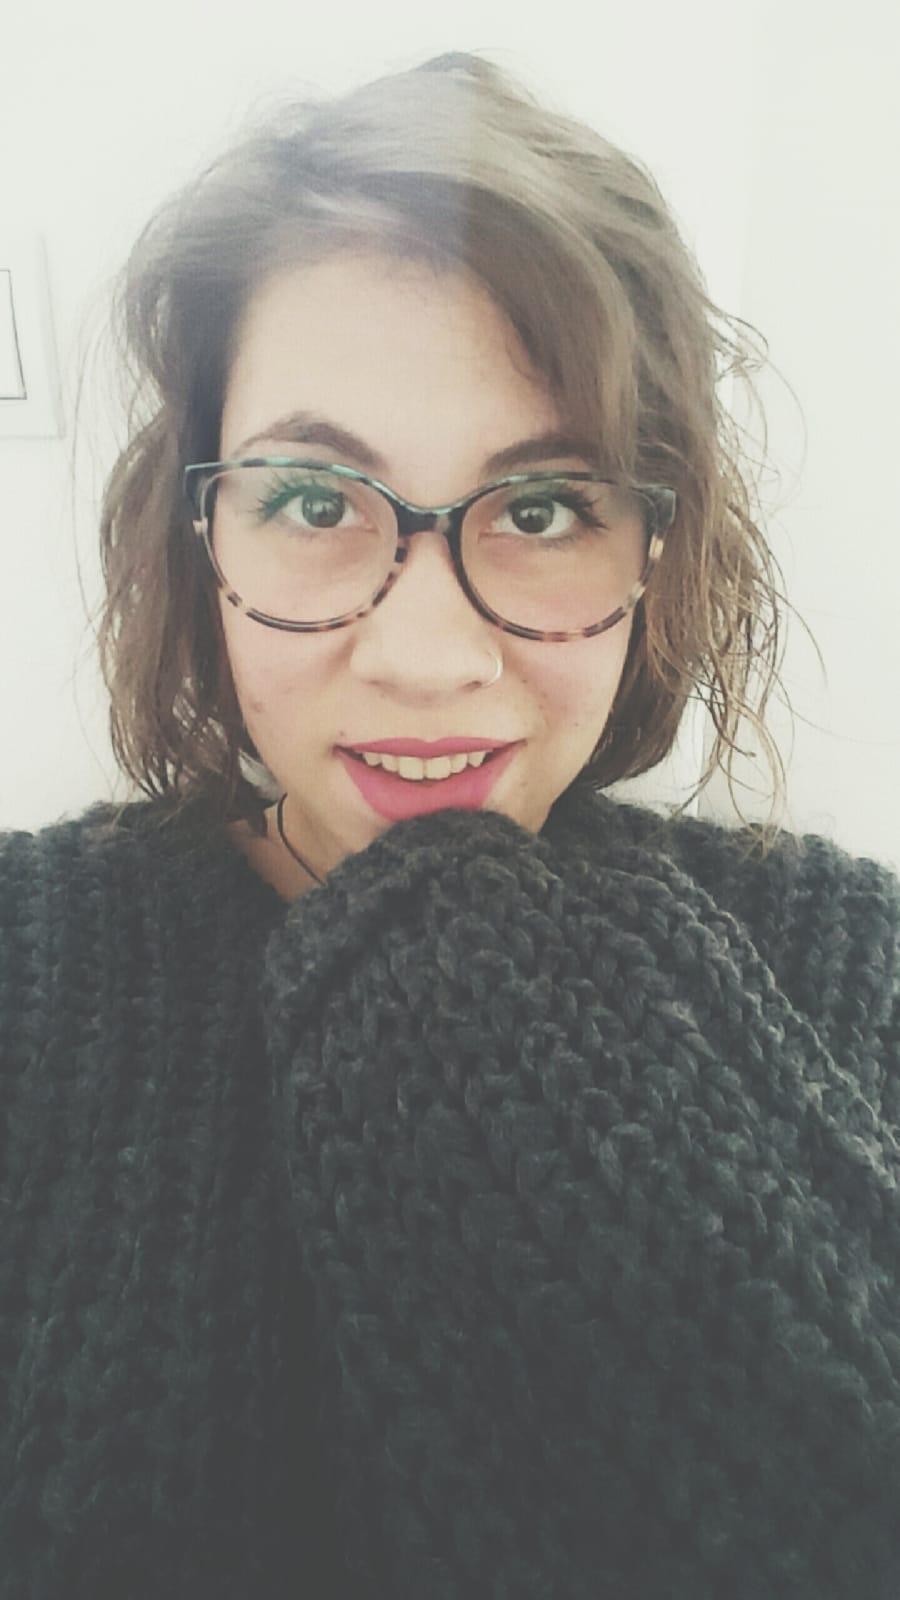 Foto de perfil de la editora de YPSI,Elisa Martín